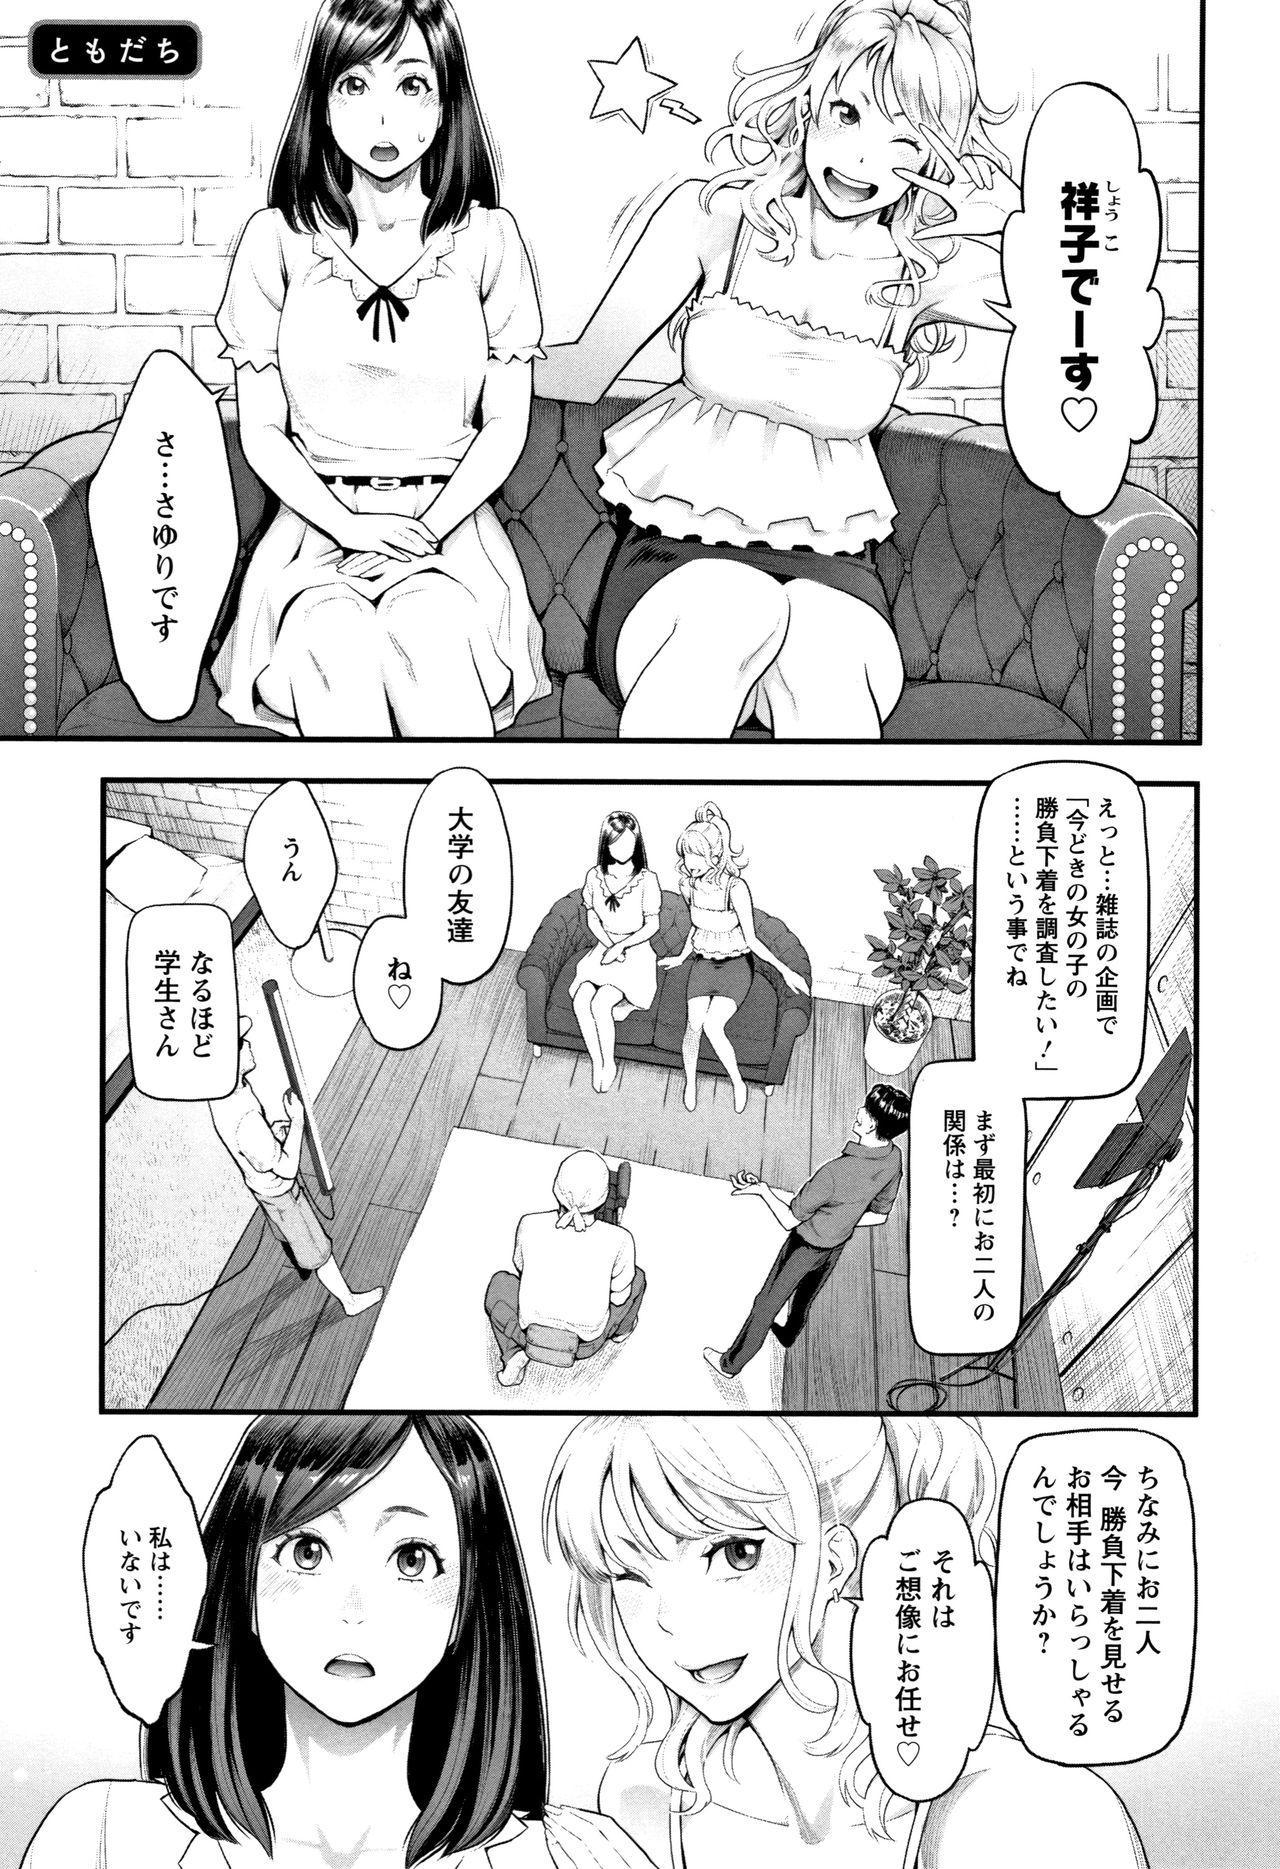 Toketa Risei wa Biyaku no Kaori 23